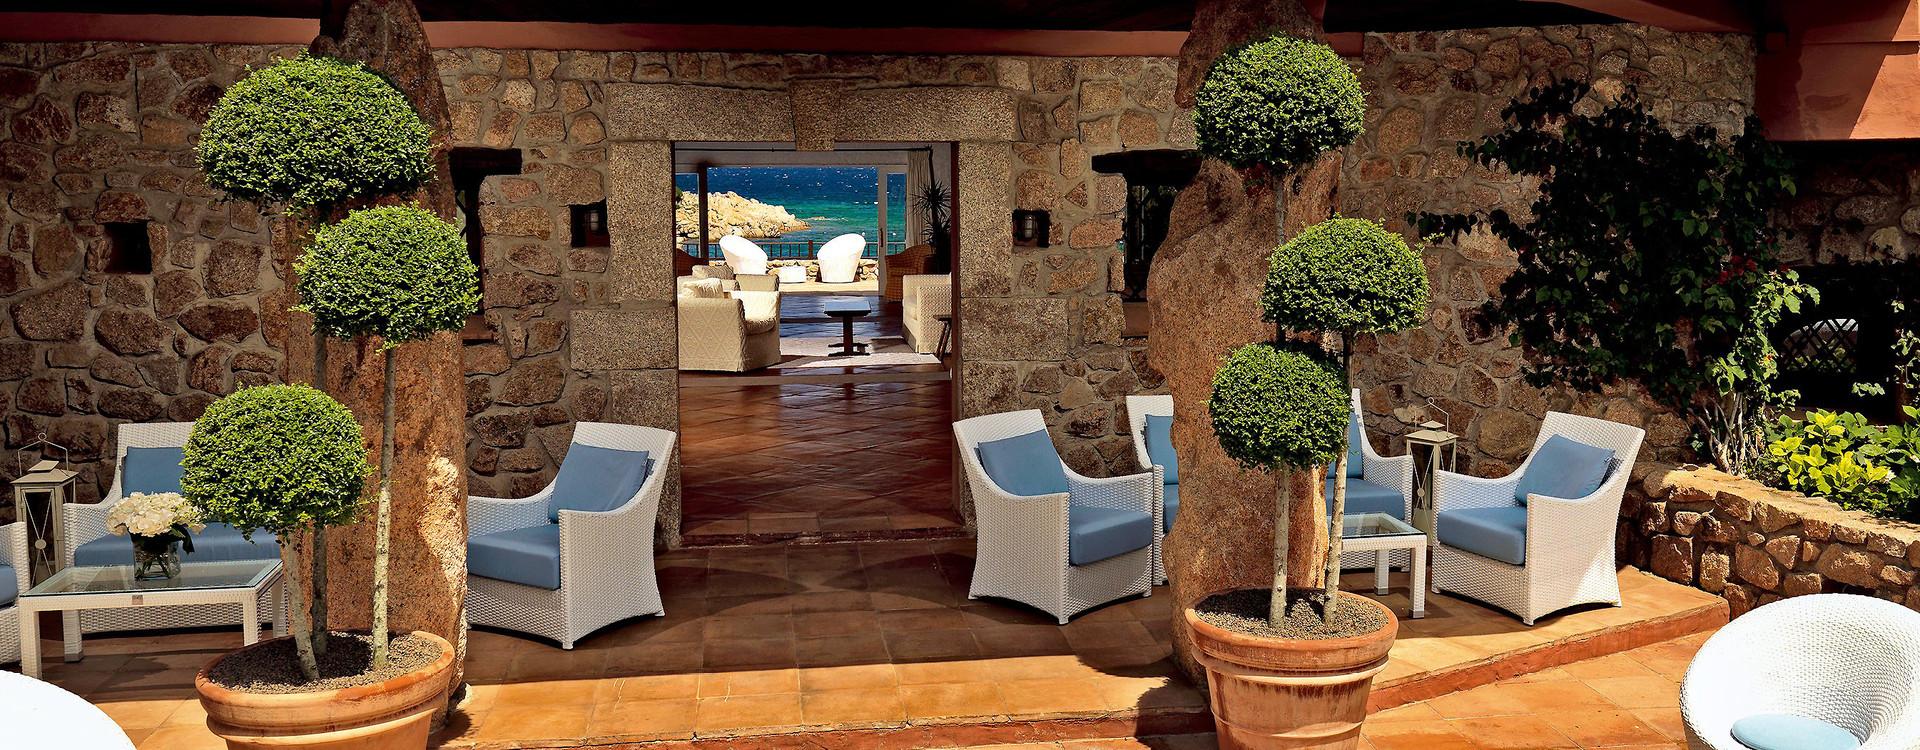 Hotel Pitrizza - люксовый отель на побережье Сардинии Коста Смеральда